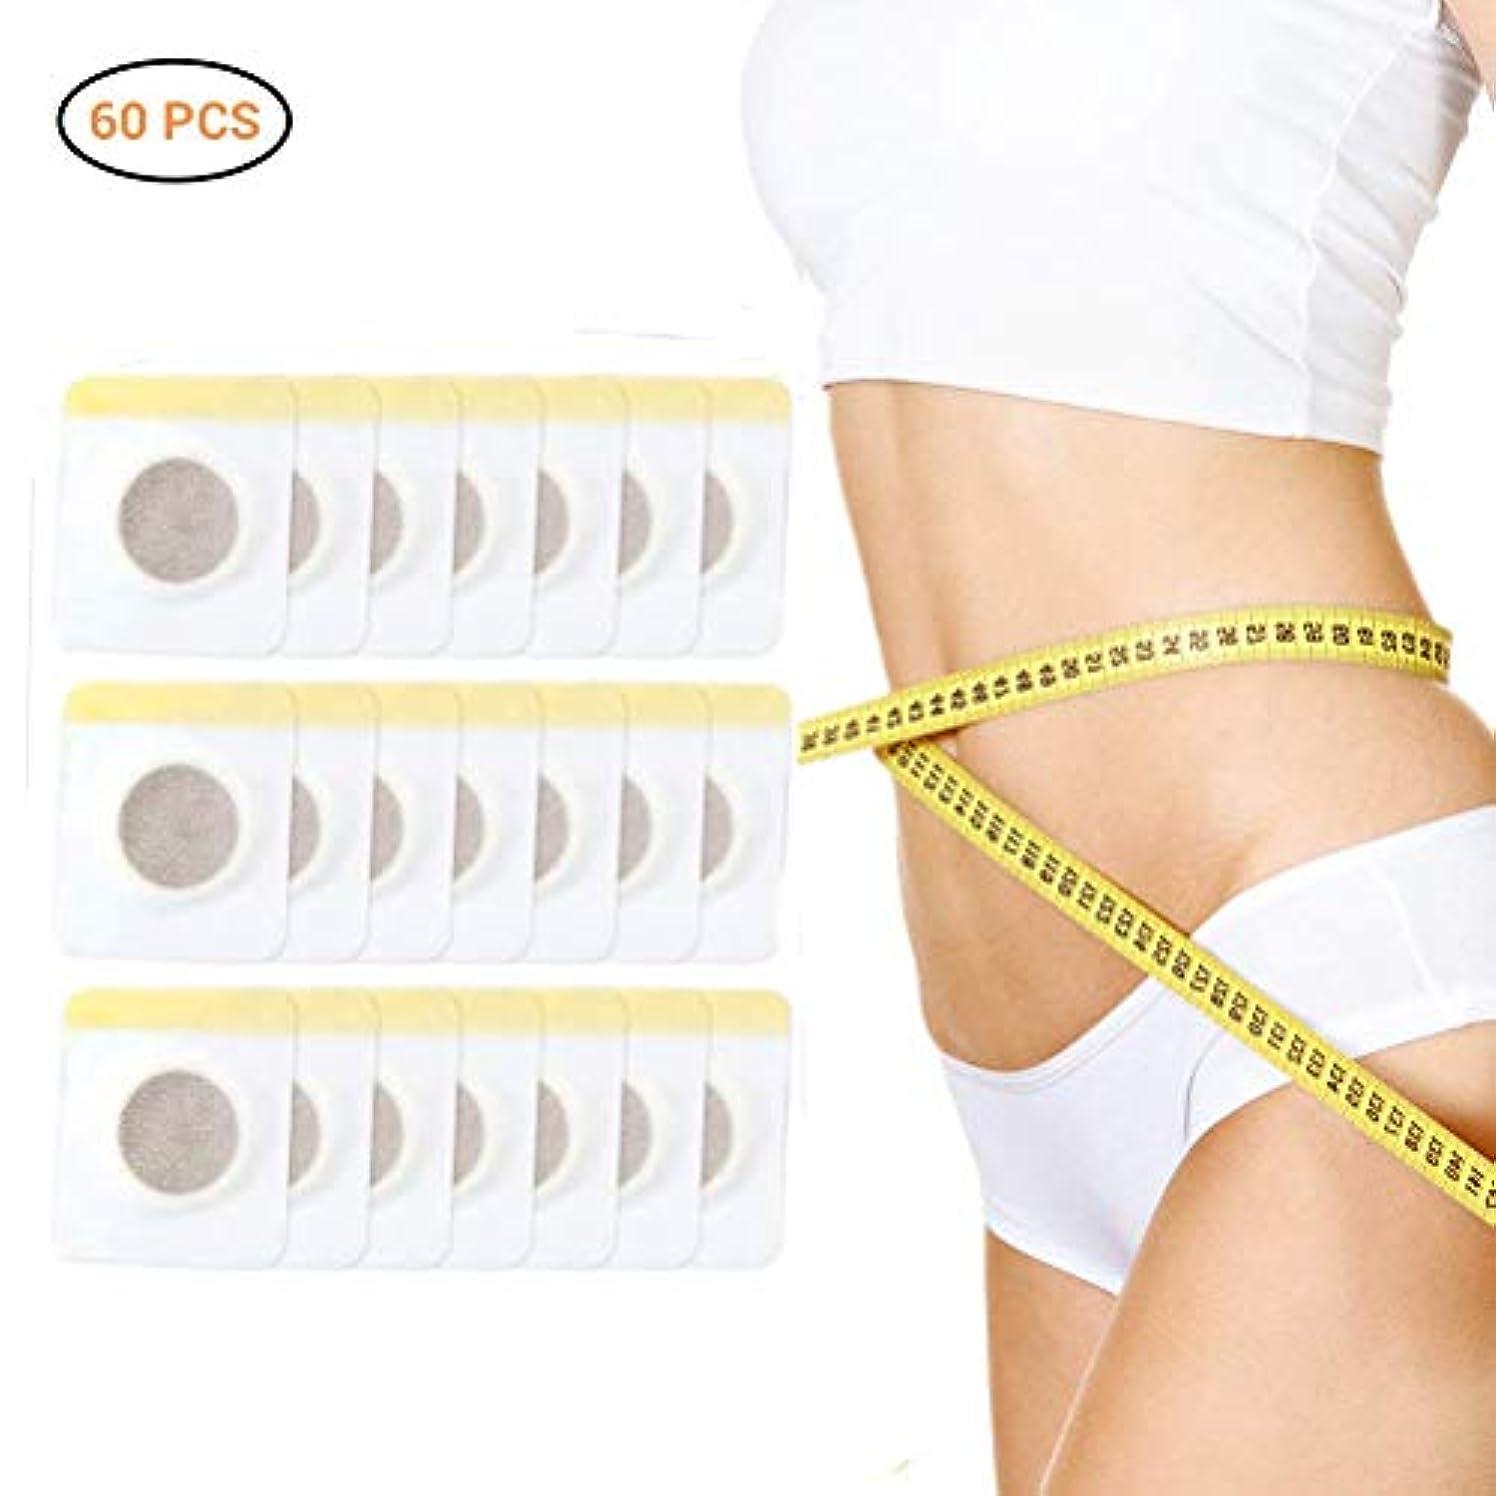 療法寓話引き付ける60枚减量パッチ,脂肪減量 减量臍ステッカー 減量スリムスリムパッチ